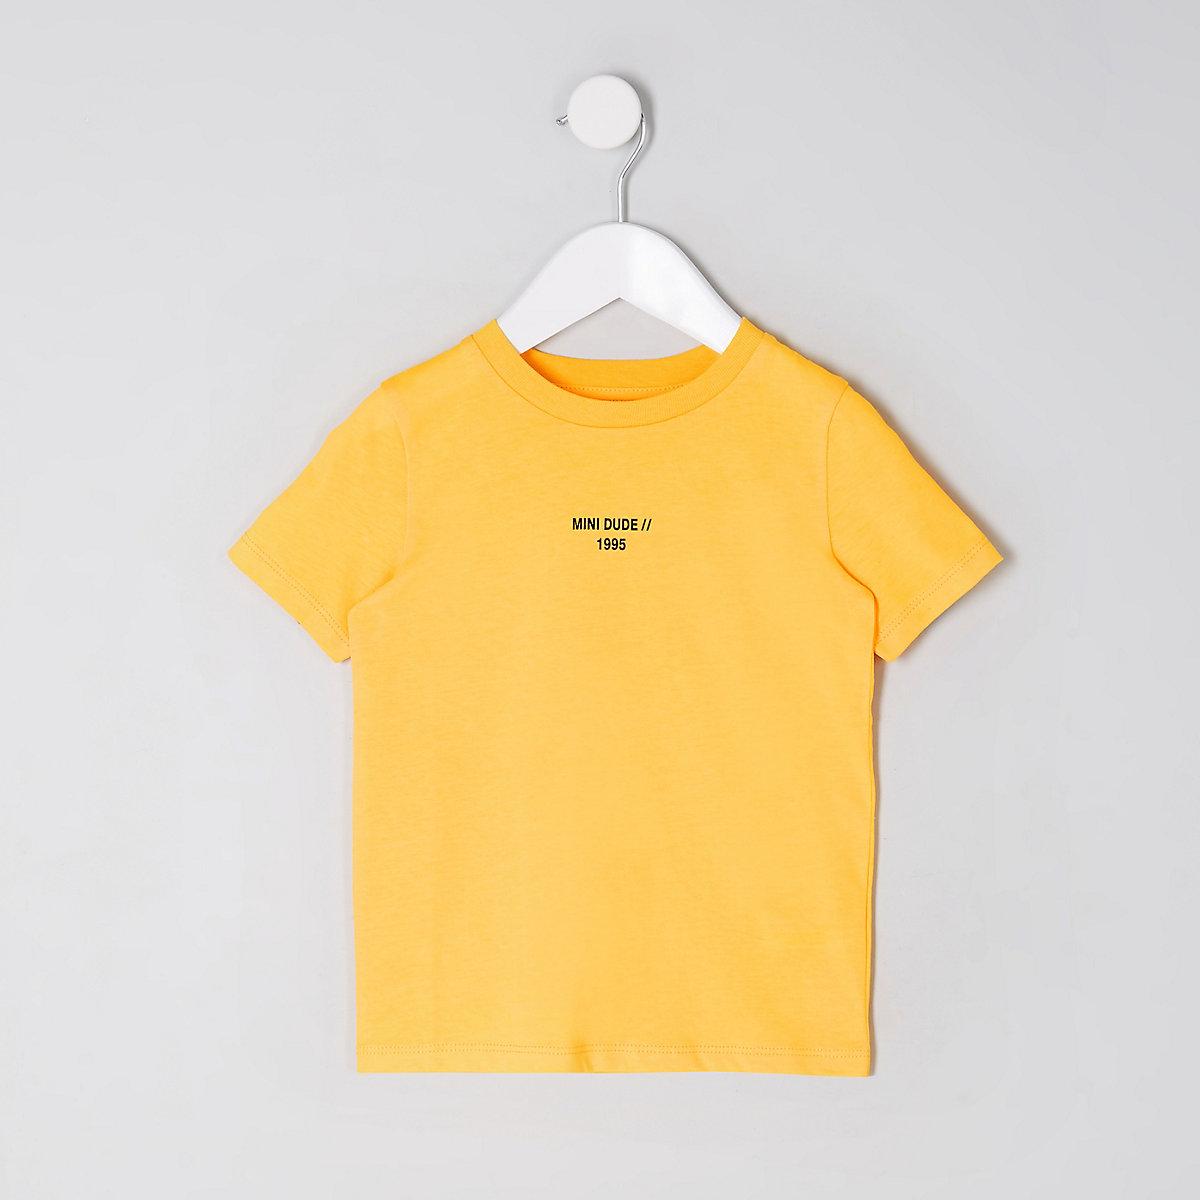 Mini boys yellow 'mini dude' tape T-shirt